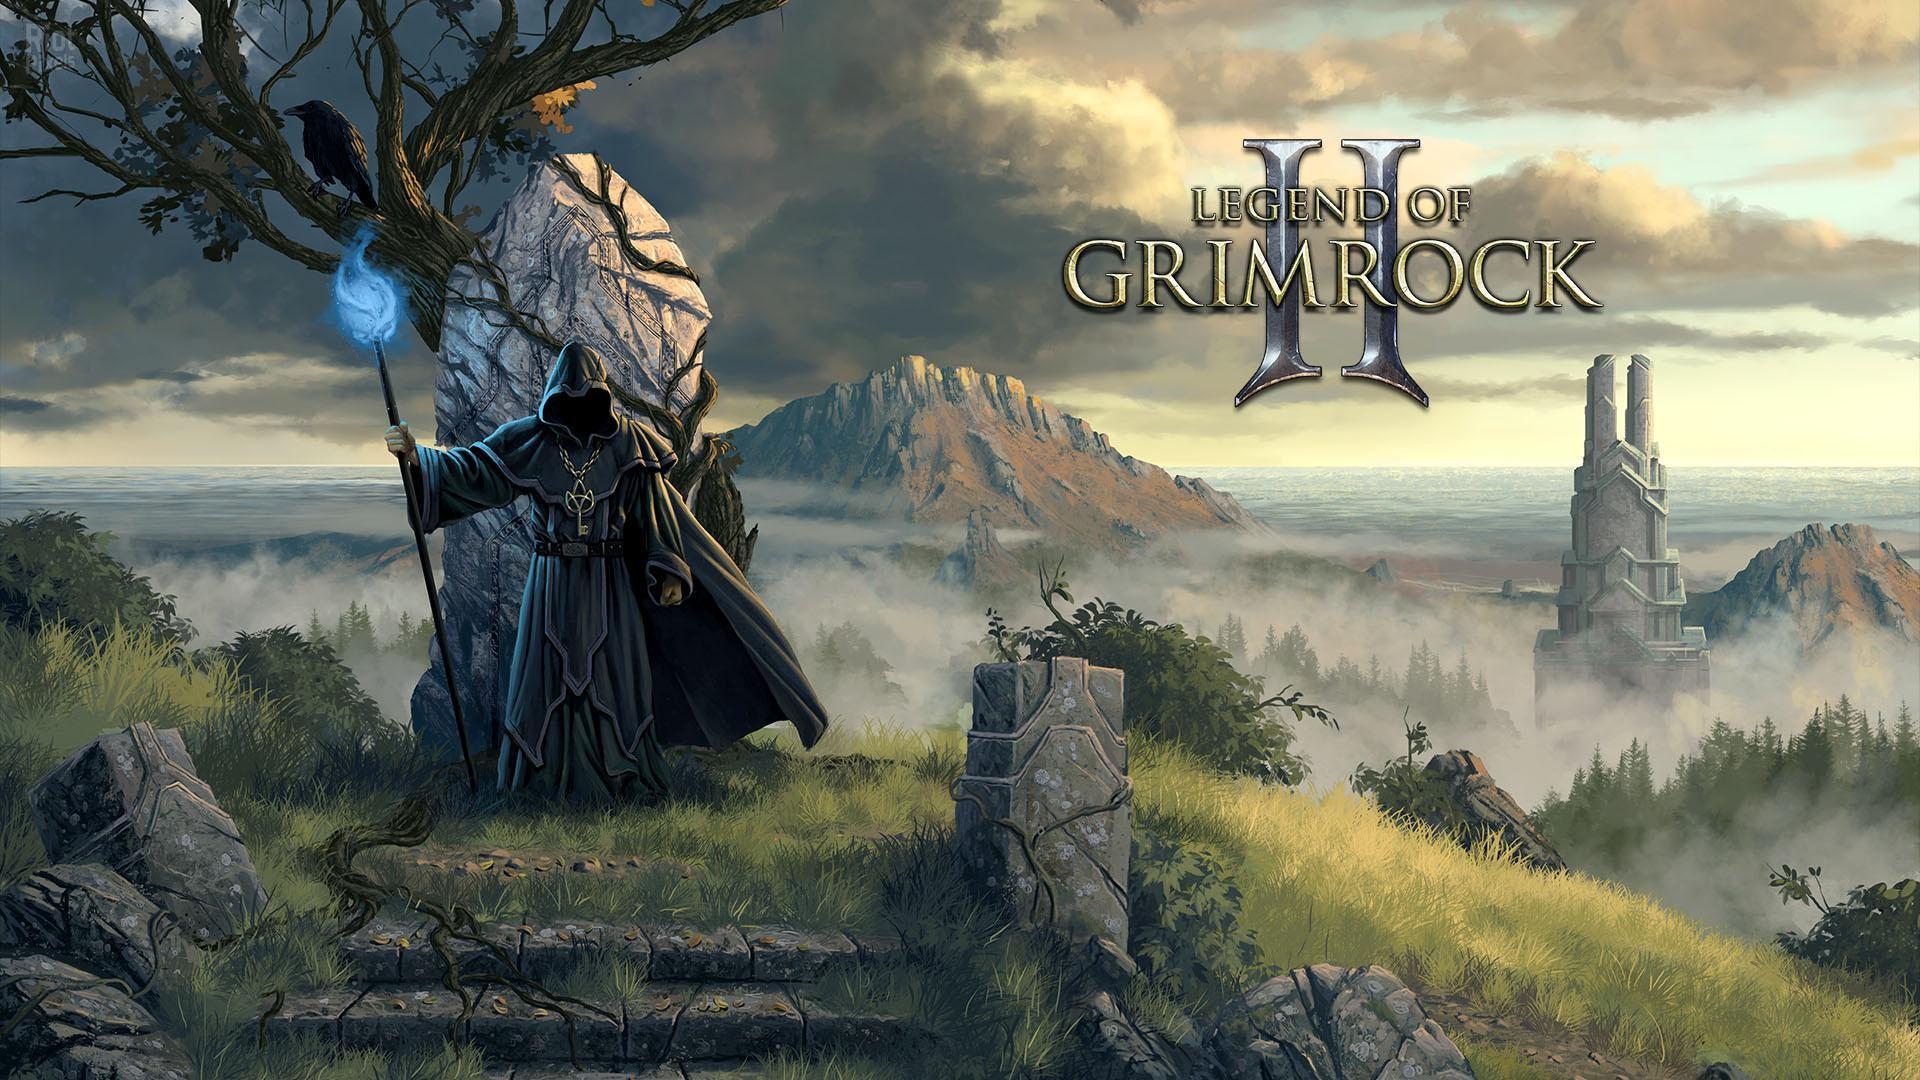 Legend of Grimrock II wizard